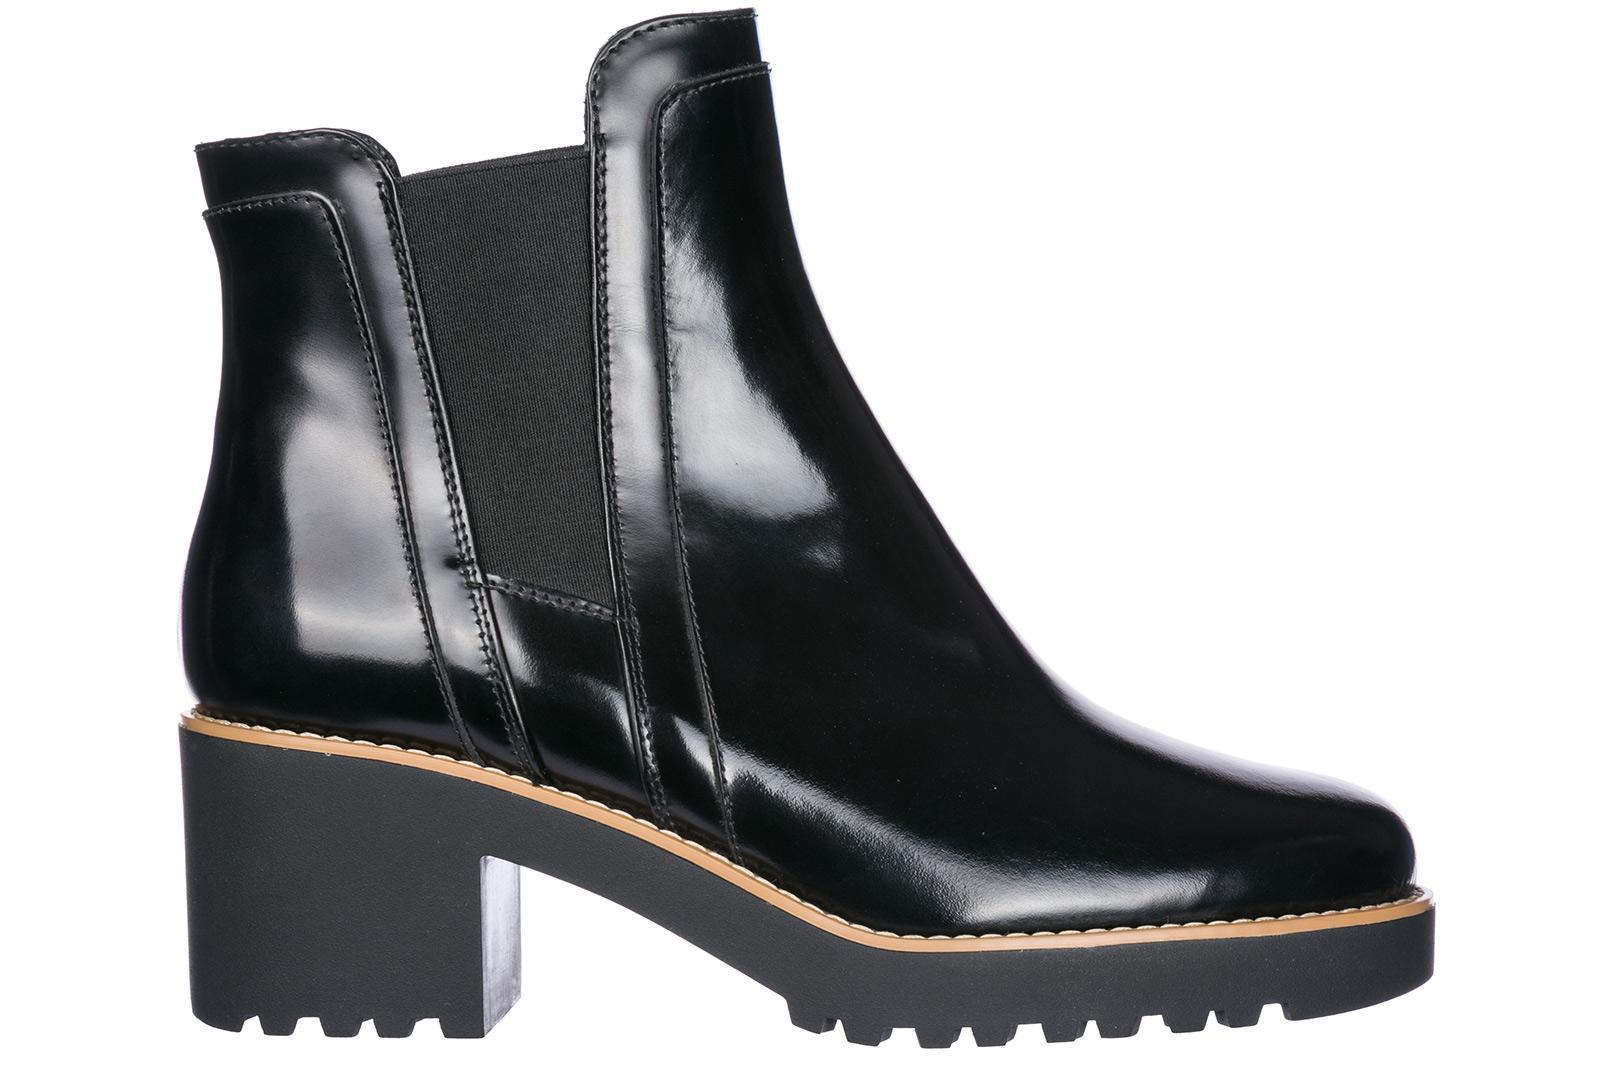 f7bf59fe18 Hogan Damen Leder Stiefeletten Stiefel Ankle Boots Mit Absatz H277 In Black